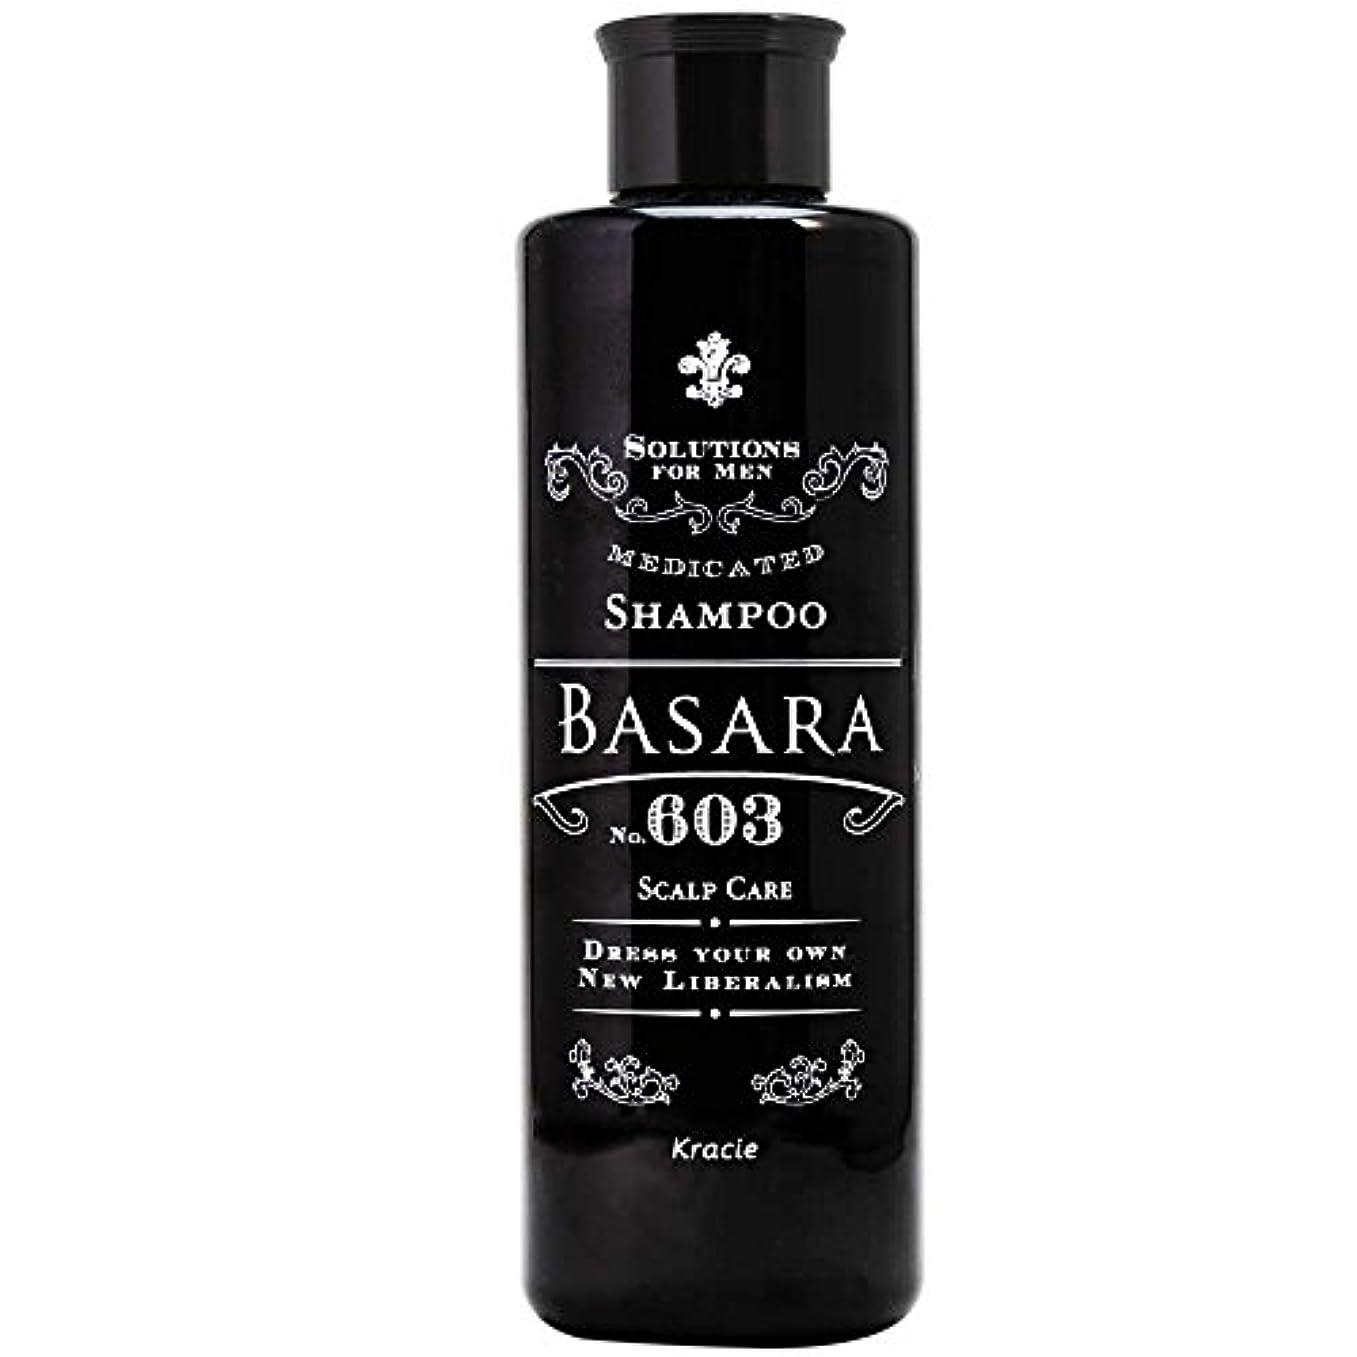 ペン振り子ほこりっぽいクラシエ バサラ 603 薬用スカルプシャンプー 250ml